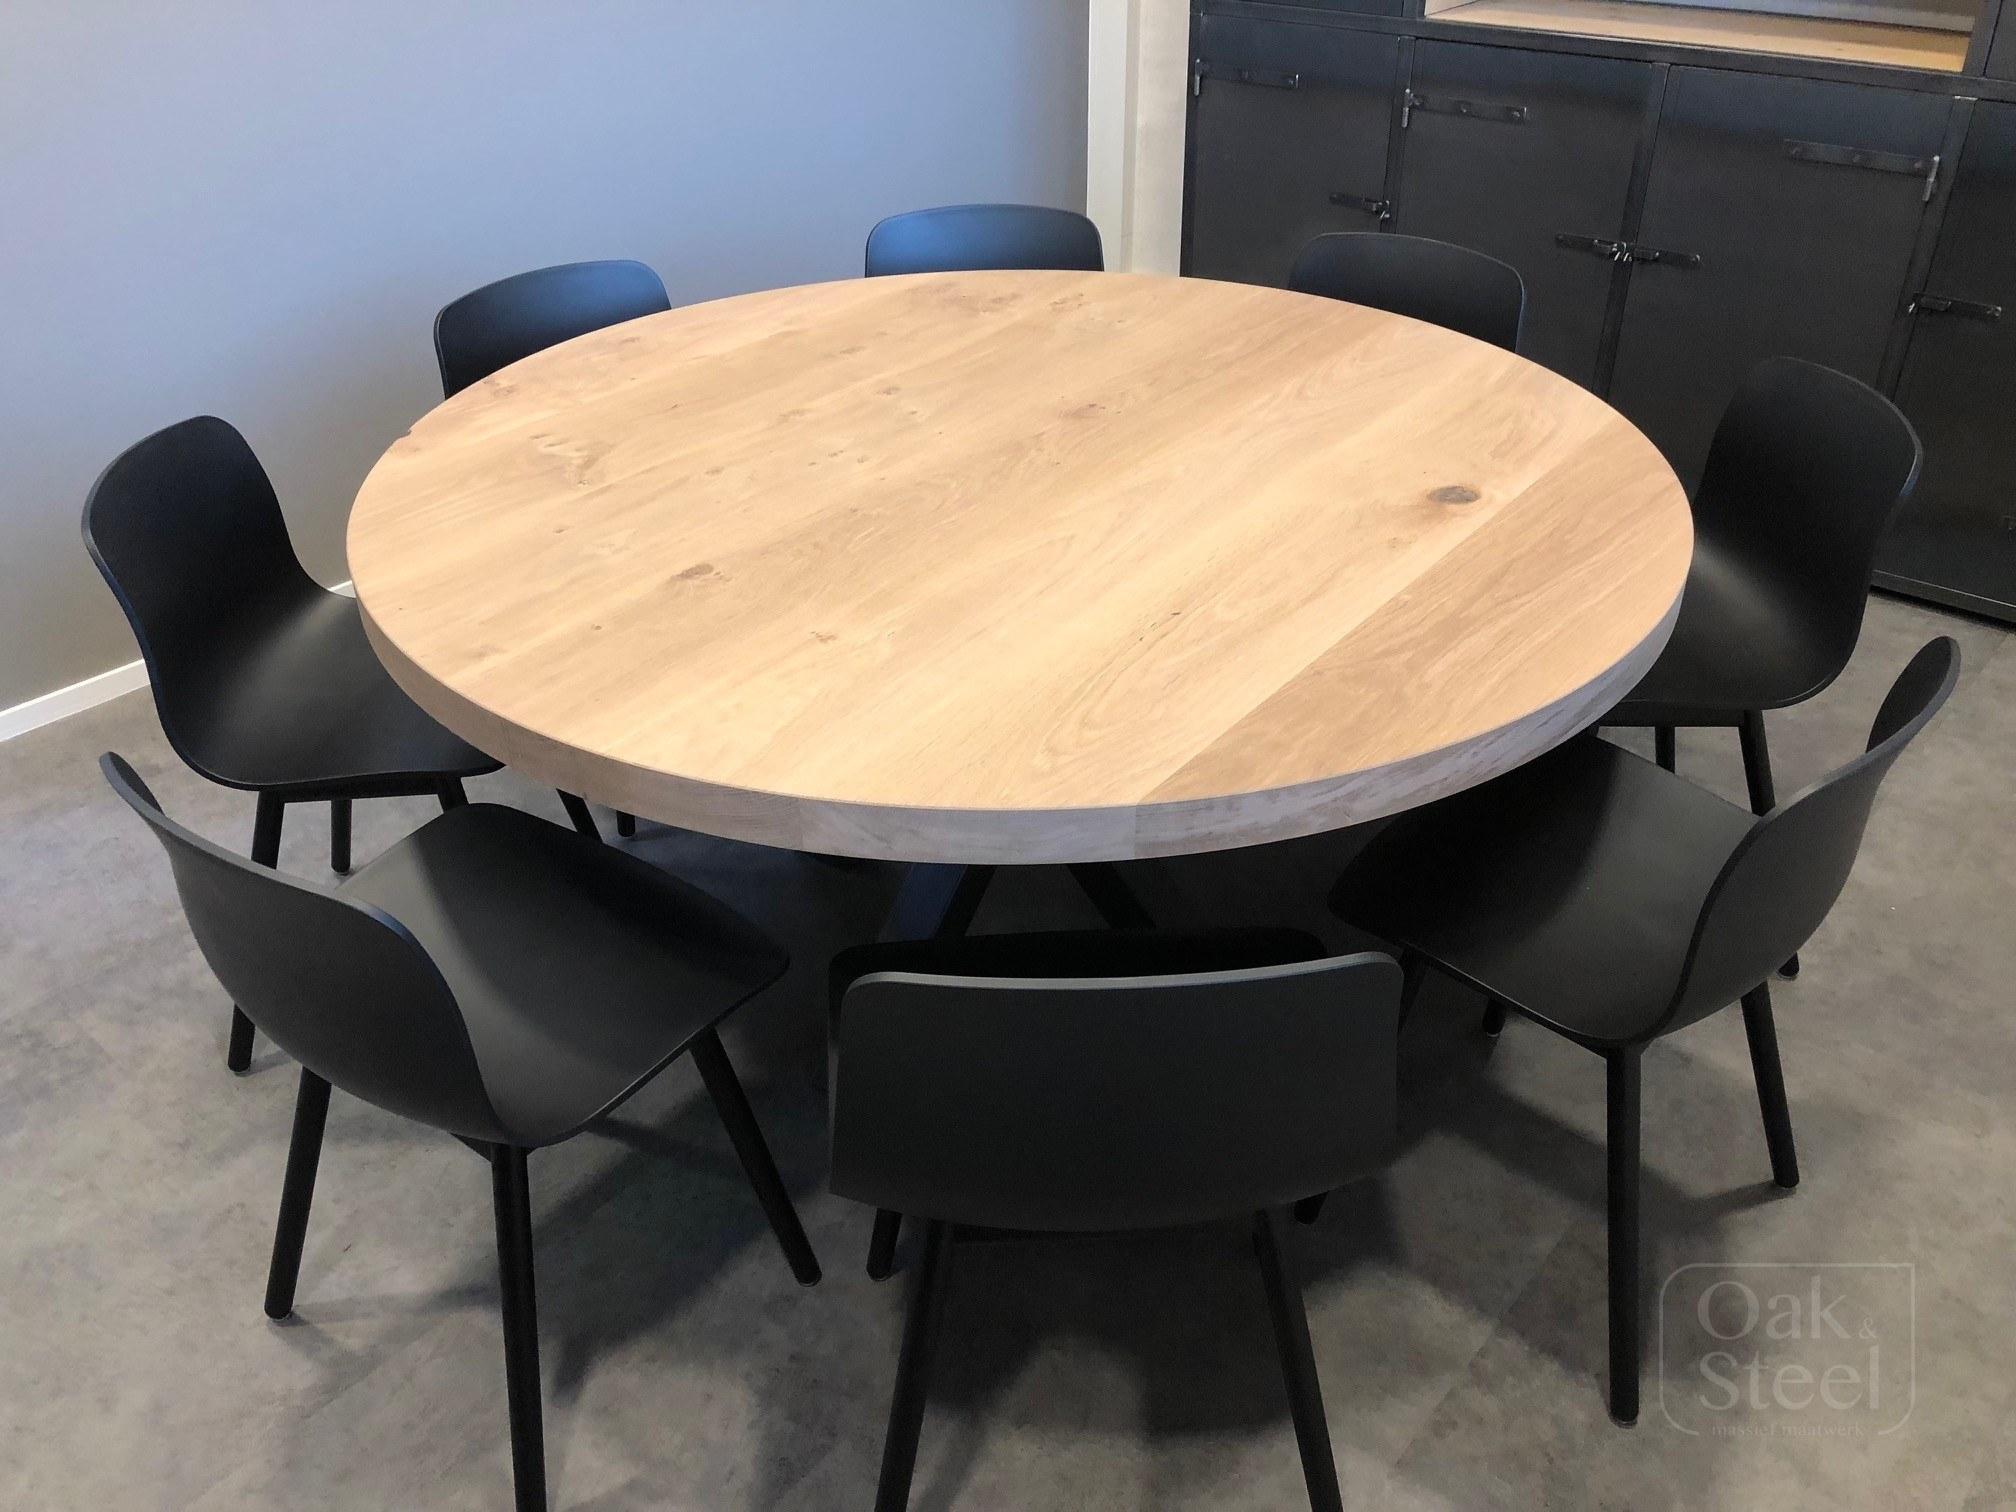 Ronde eiken tafel van 6 cm dik